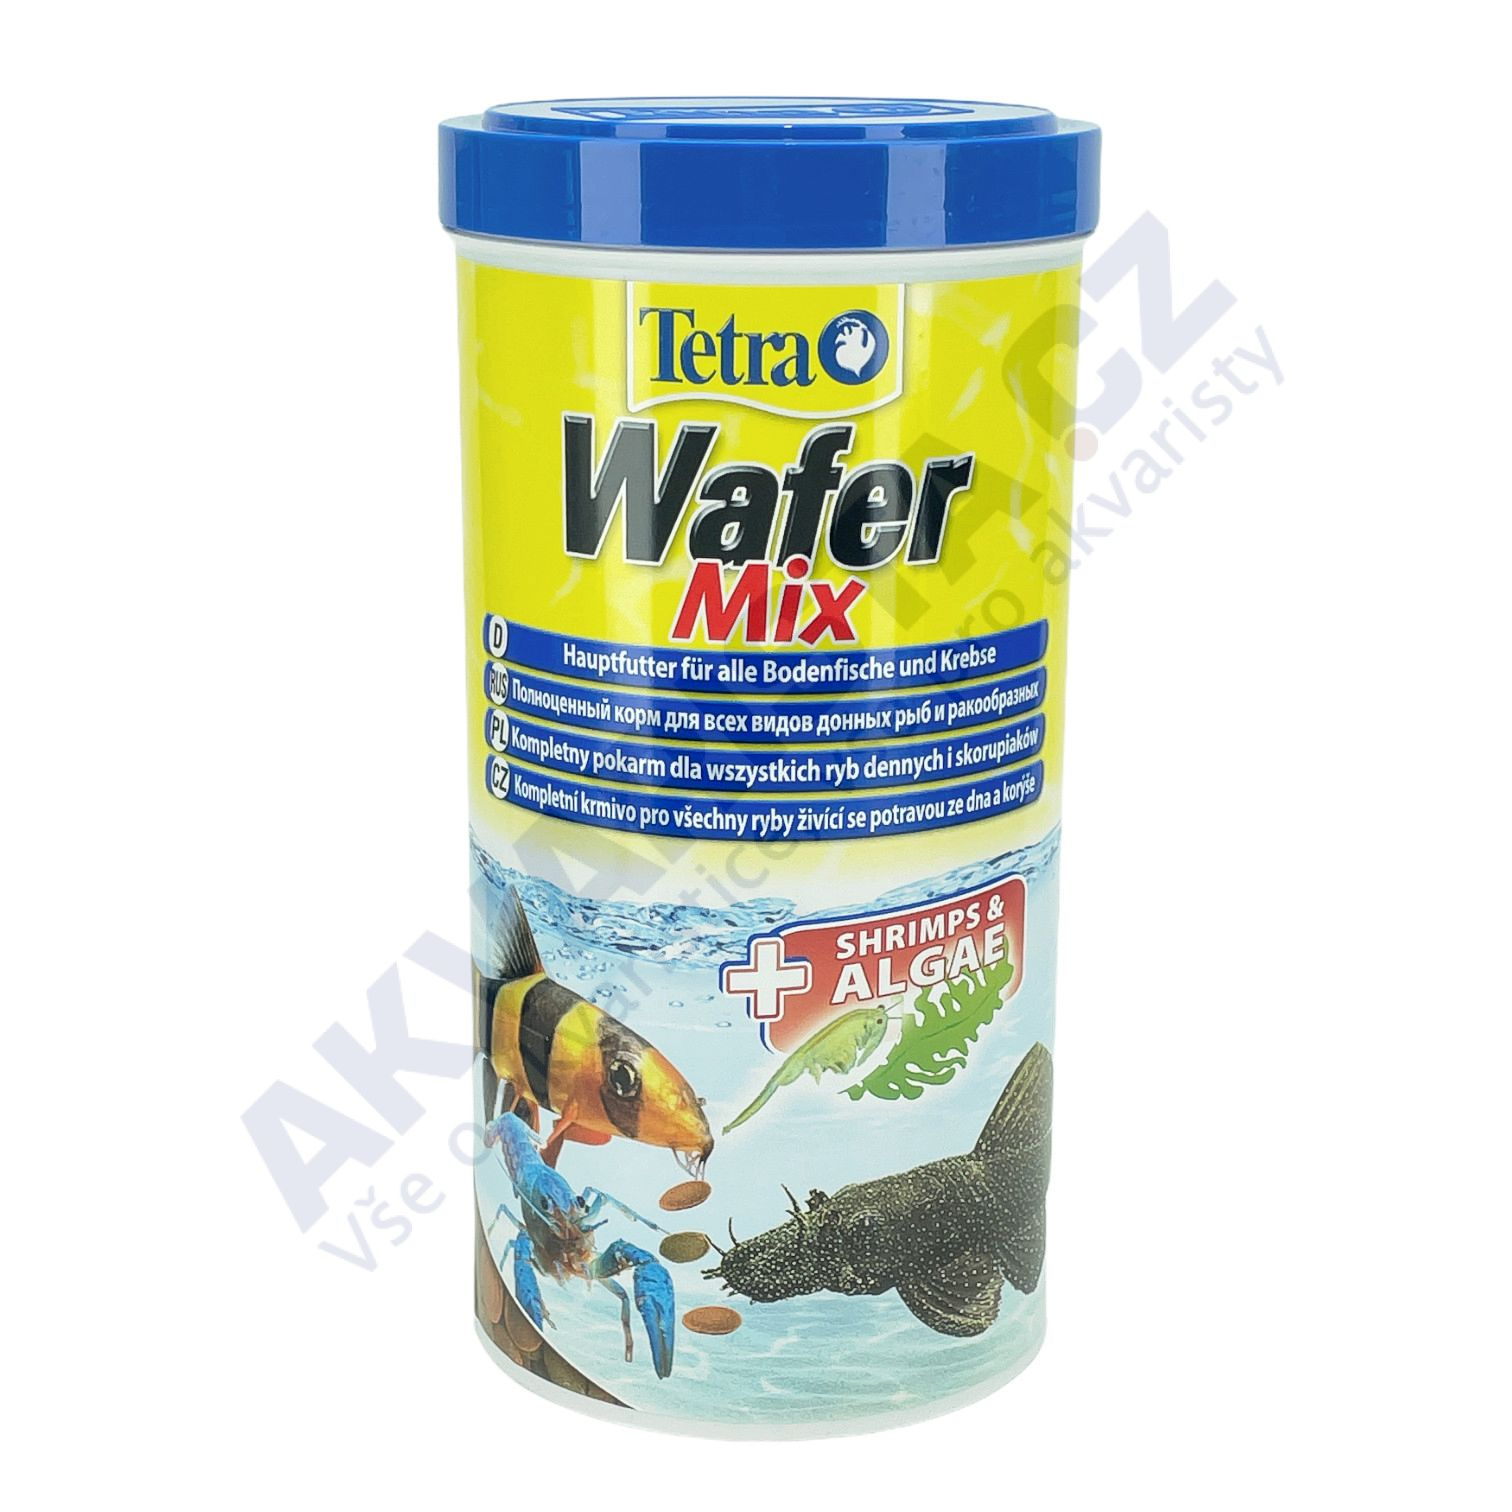 Tetra Wafer Mix 1000ml